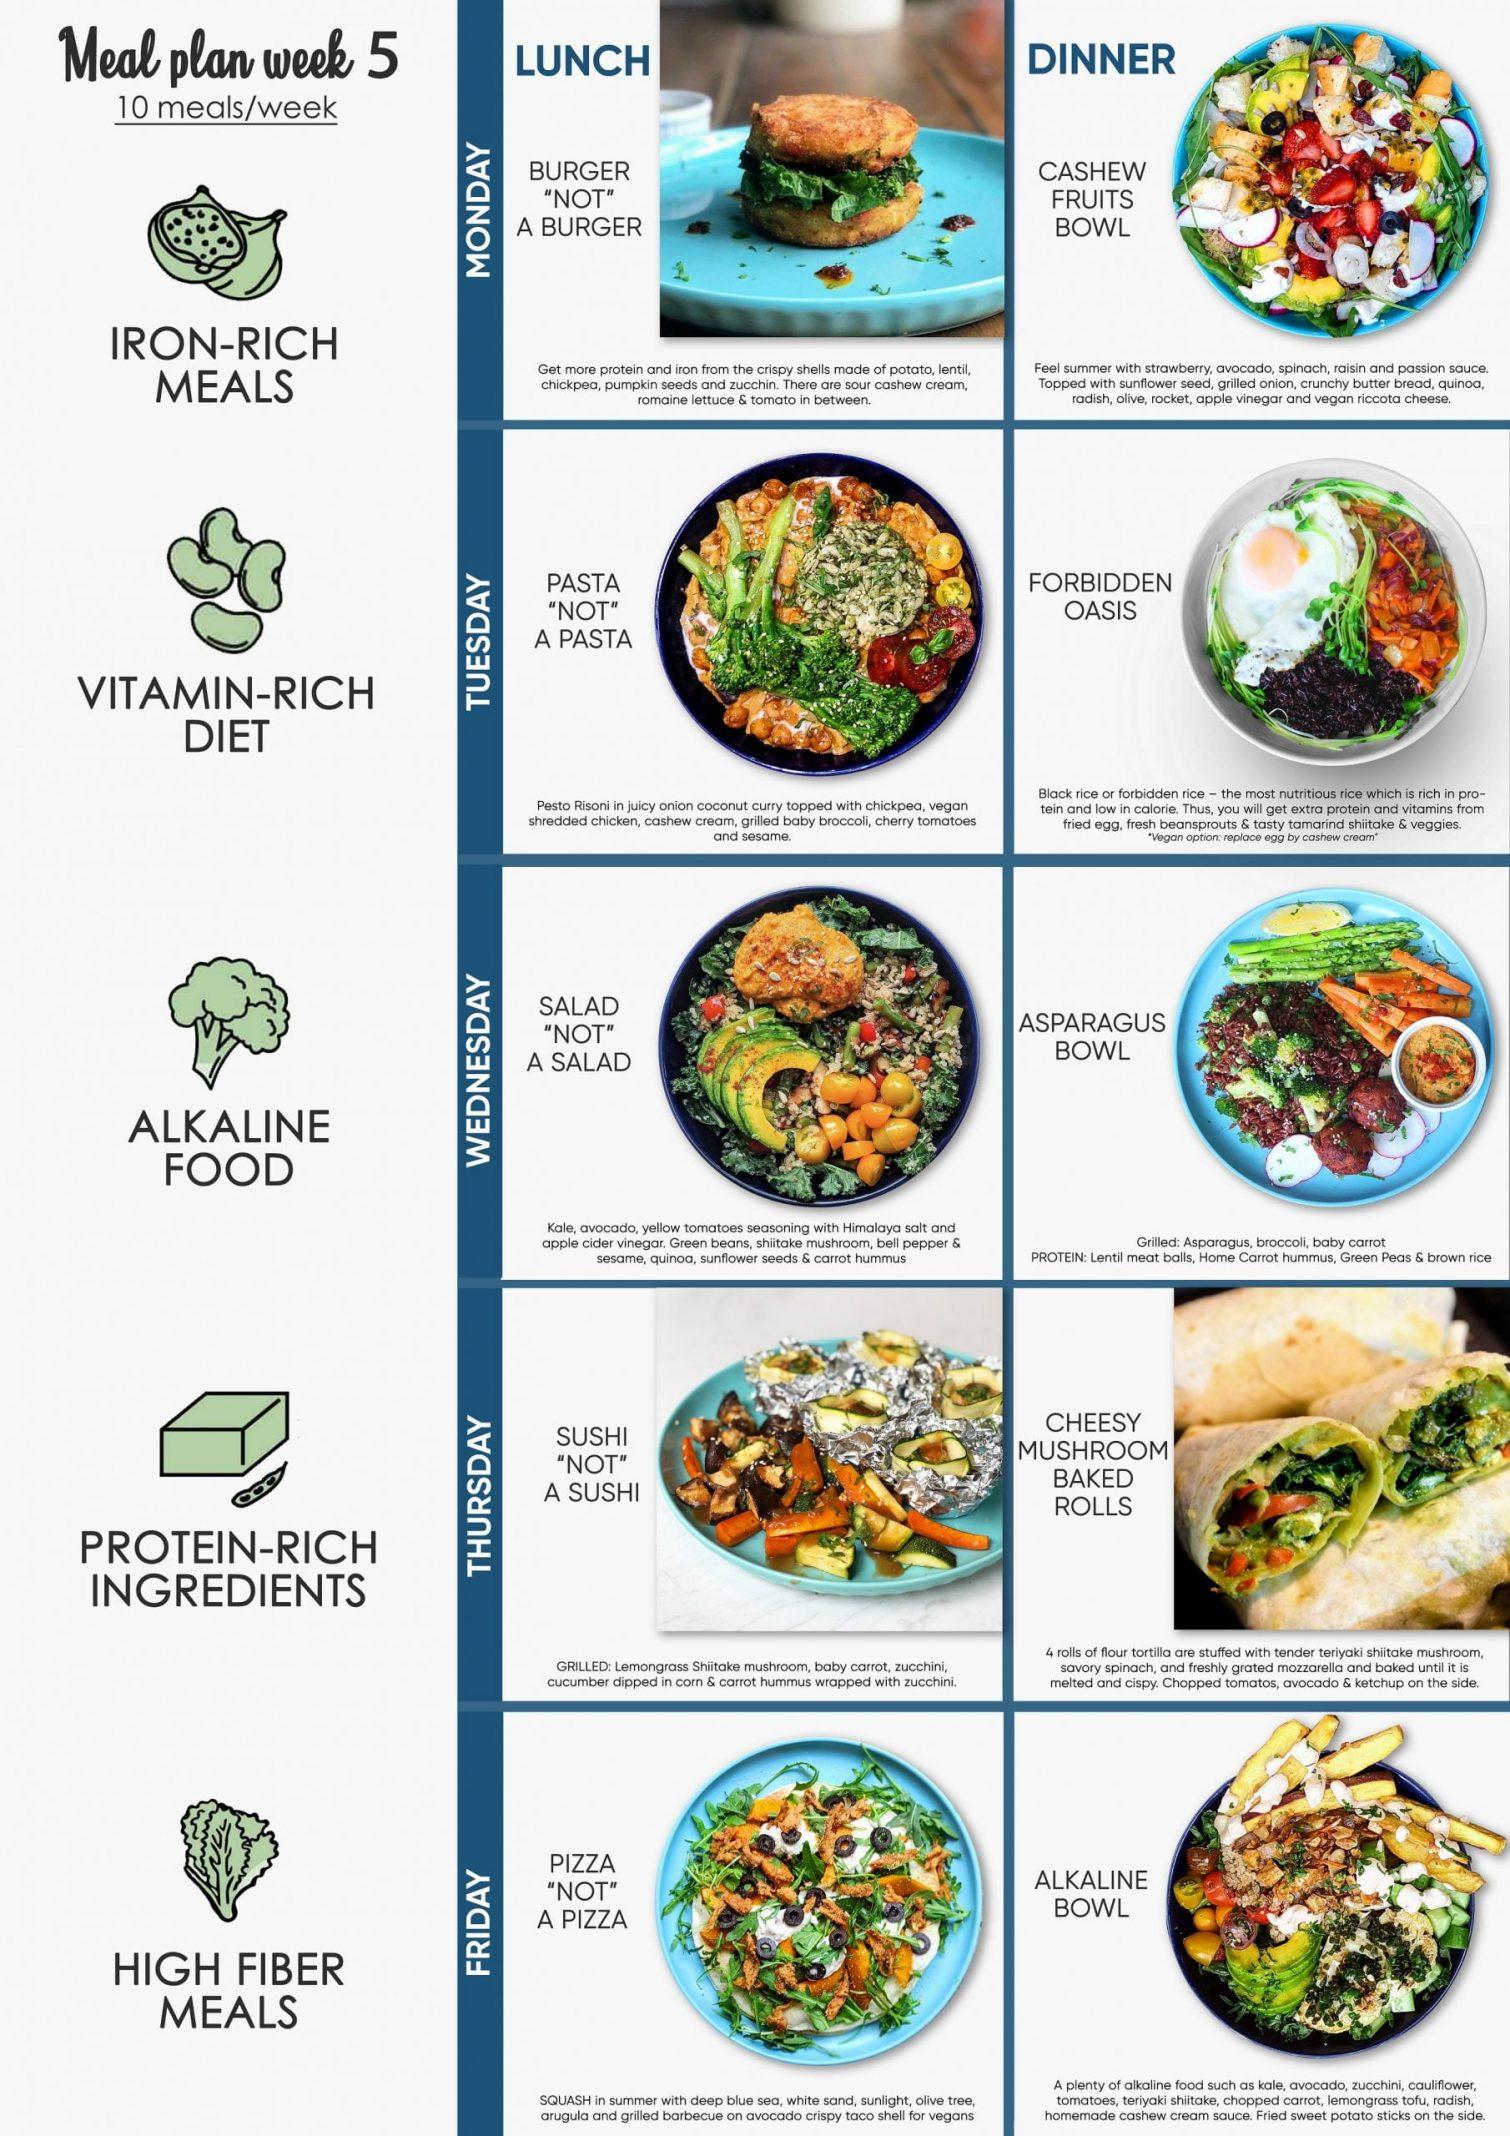 Santorino Vegetarian vegan meal-plan week 5